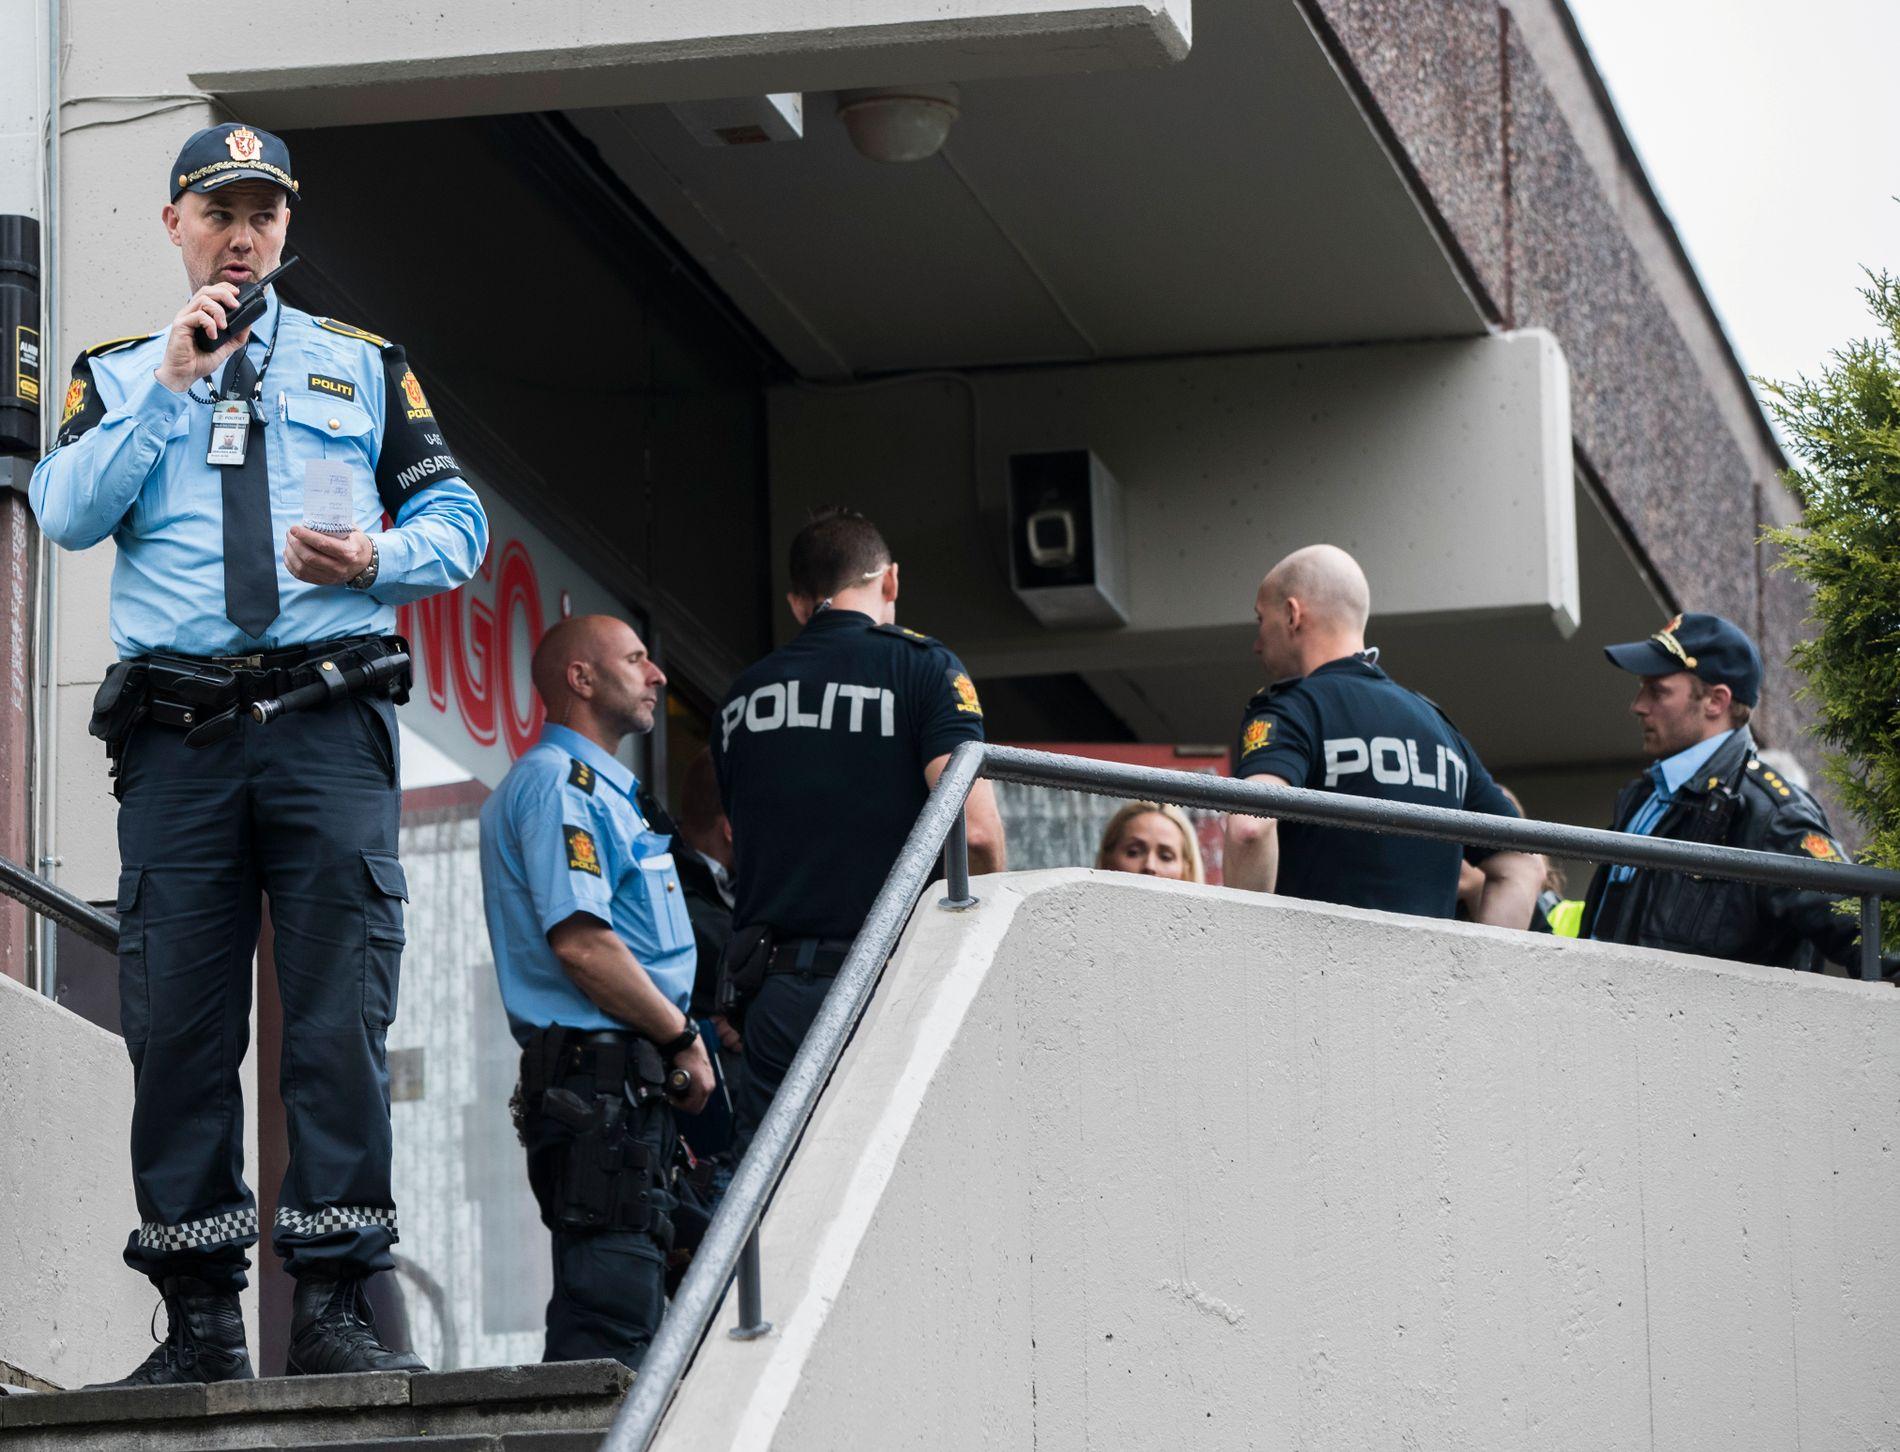 OSLO 20170604. En mann er alvorlig skadd etter å ha blitt knivstukket på Ensjø bingo i Oslo søndag ettermiddag. Politiet i arbeid på stedet. Foto: Berit Roald / NTB scanpix